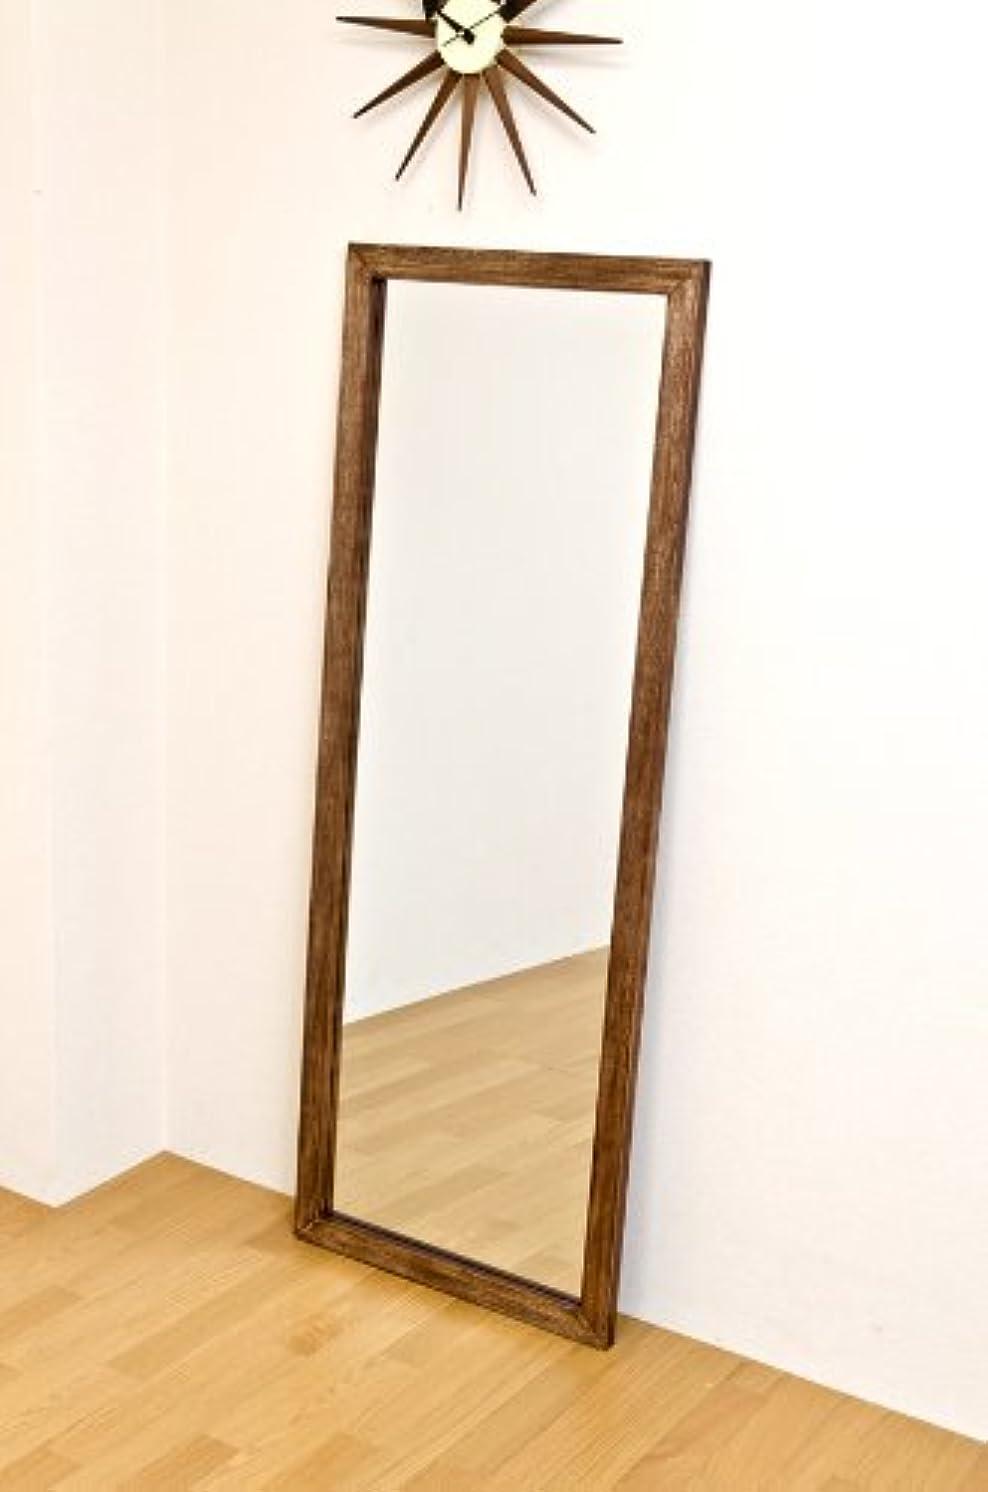 アベニュー第四スティックジャンボミラー アンティーク調 幅60cm×高さ160cm[ブラウン?茶]/転倒防止金具付属 大きい鏡